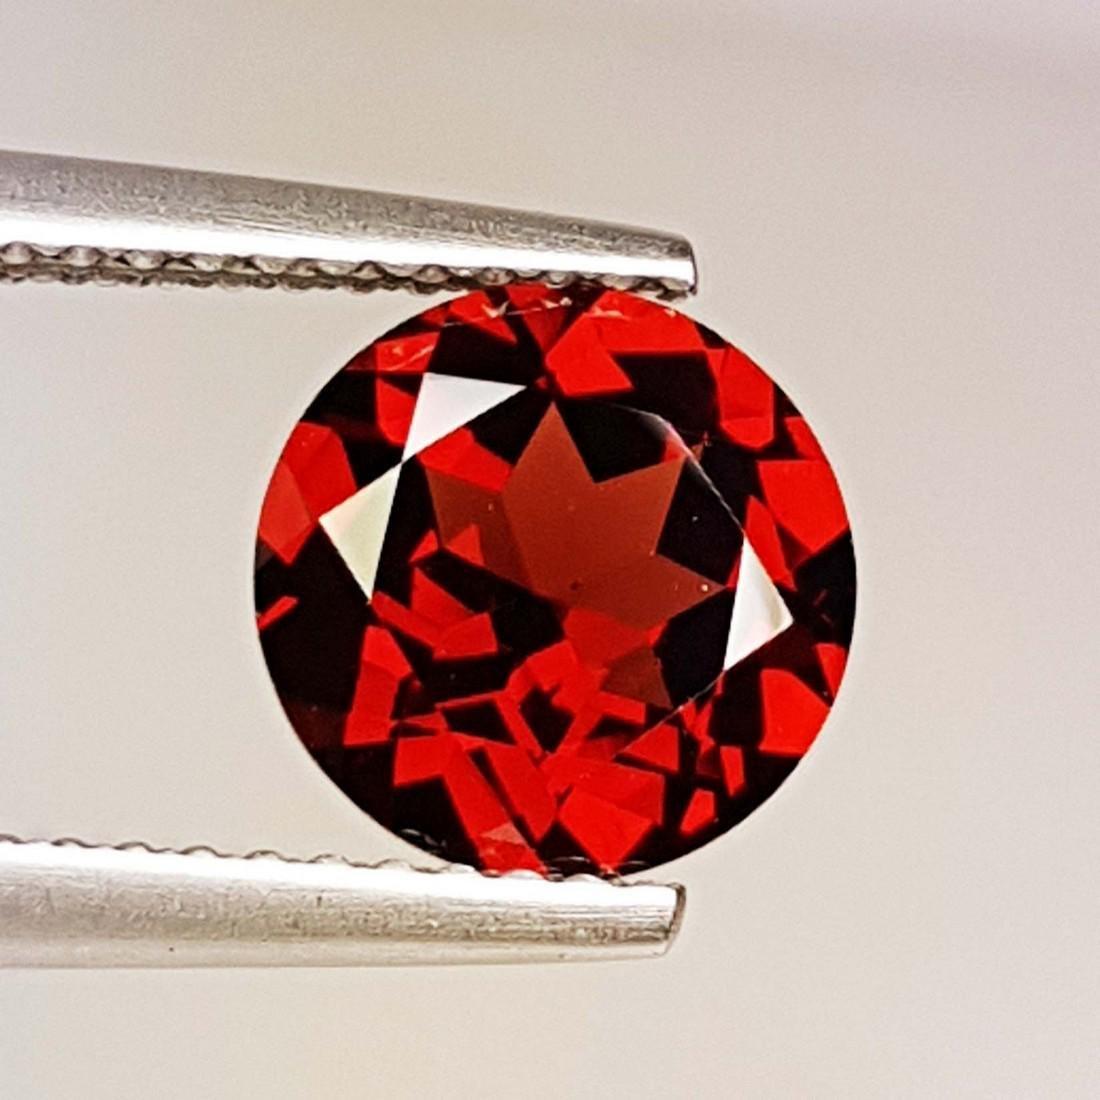 Fantastic Natural Pyrope - Almandite Red Garnet - 2.35 - 2